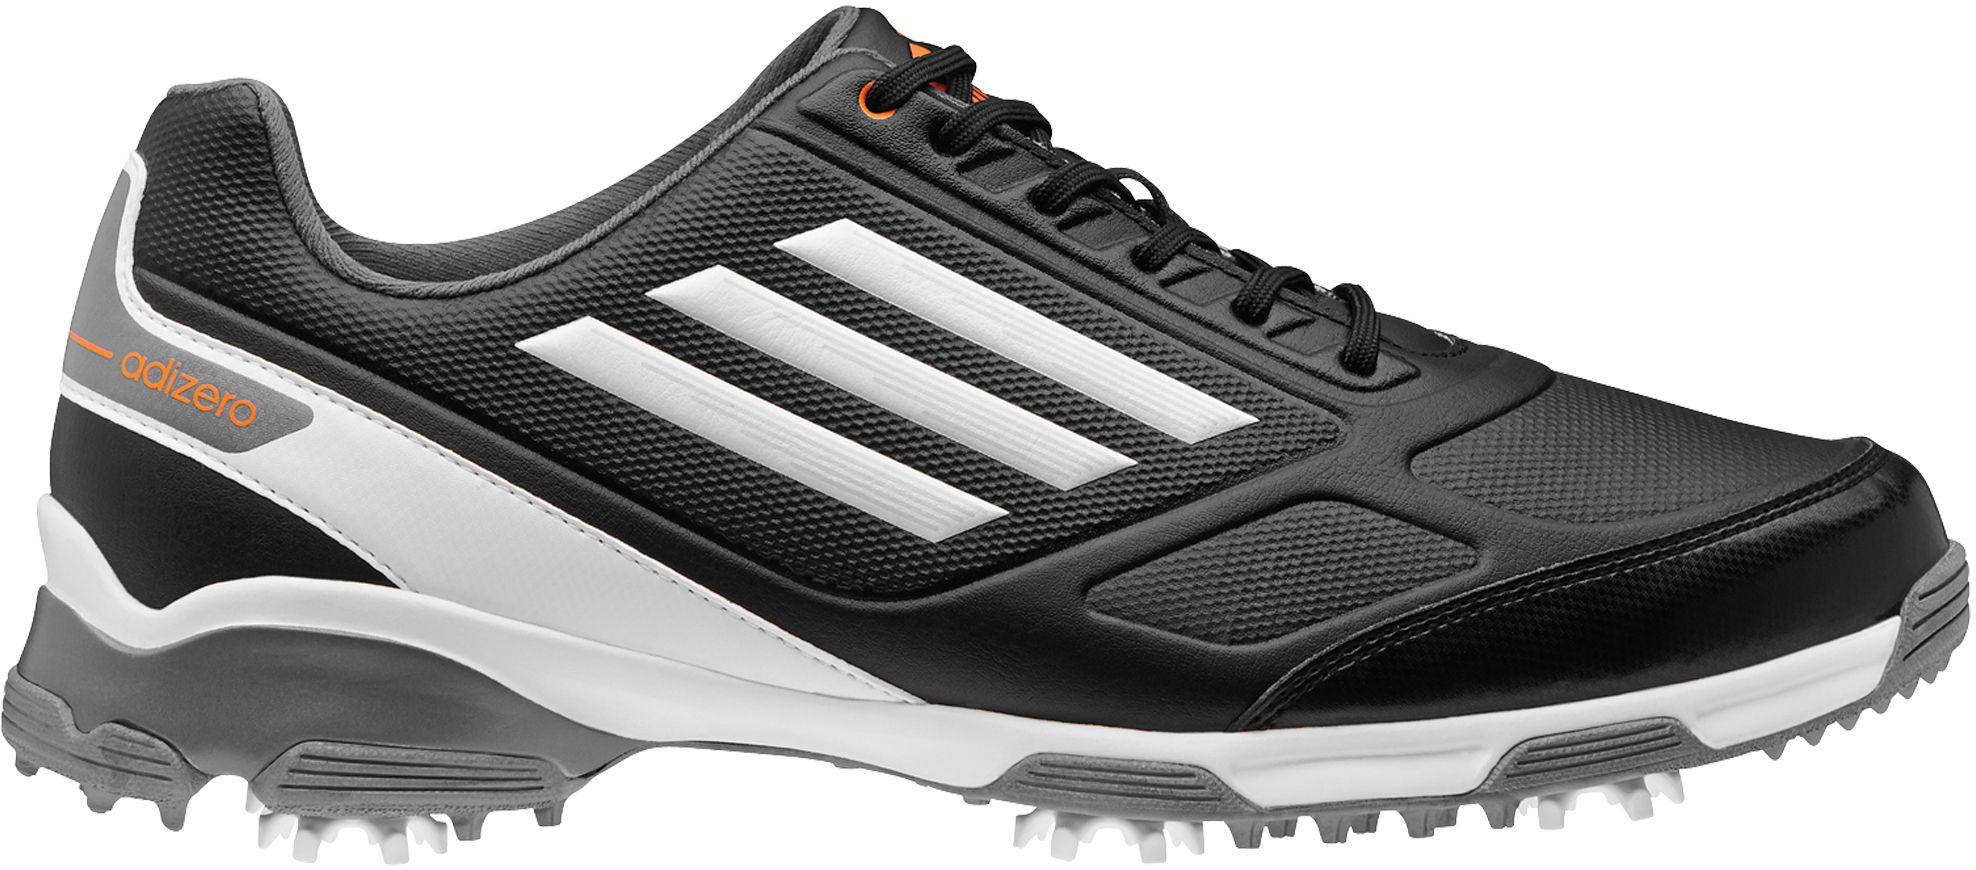 Adidas Adizero Tour Golf Shoes Review